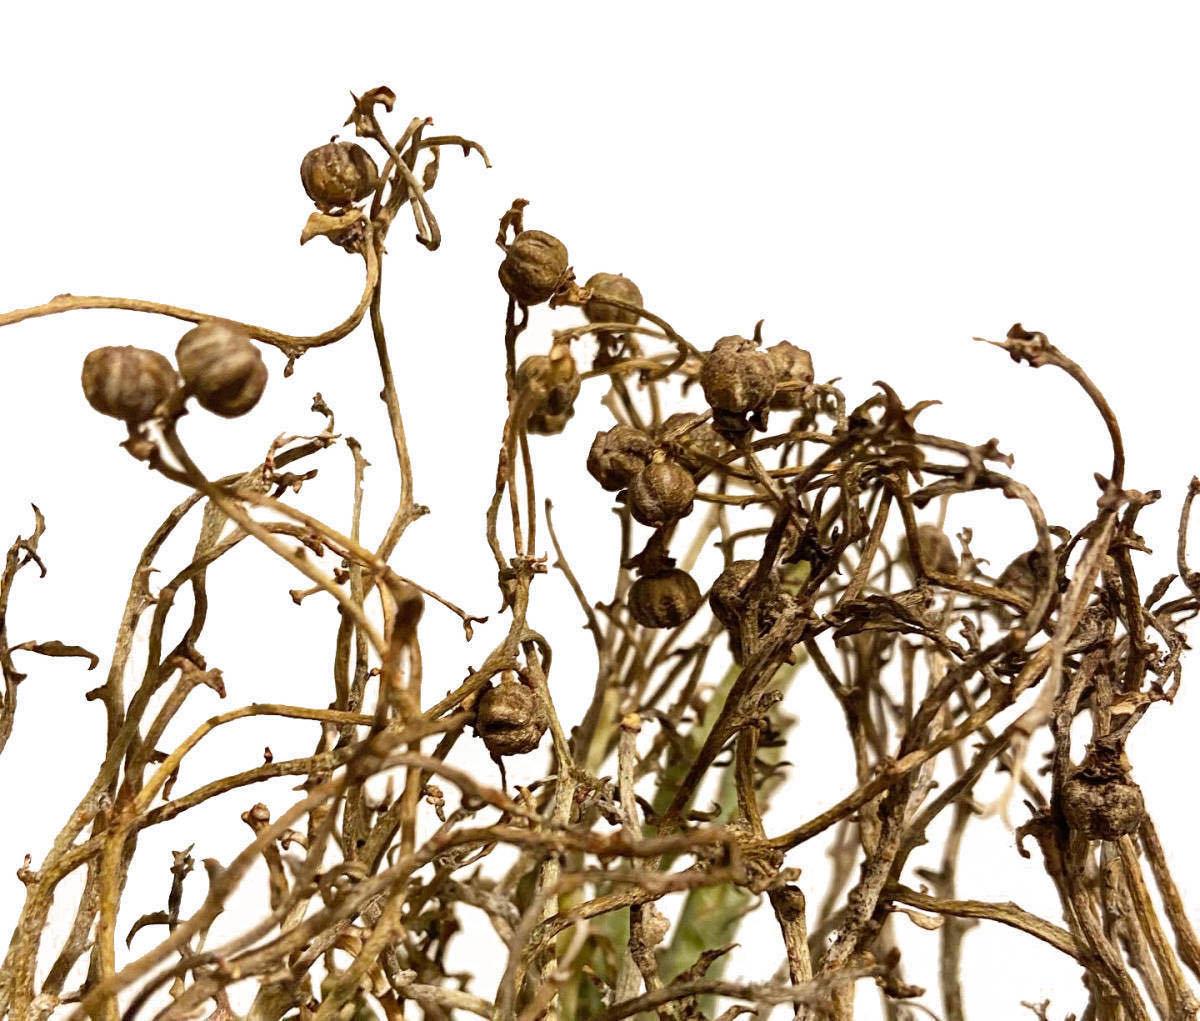 ユーフォルビア リグノーサ 種子 5粒 Euphorbia Lignosa (検 パキプス パキポディウム グラキリス ウィンゾリー チタノタ ドルステニア_画像4